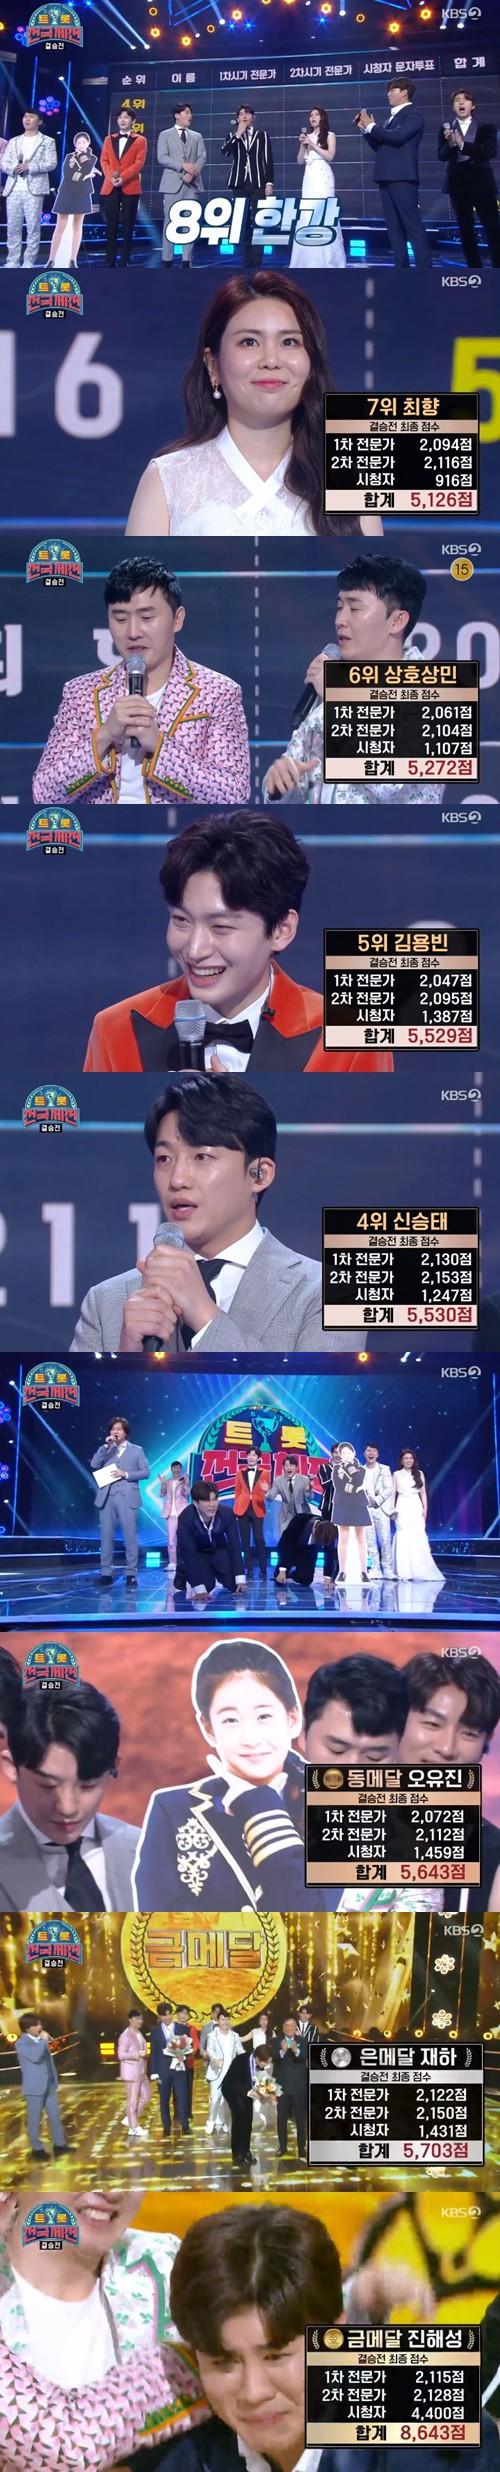 '트롯 전국체전' 금메달 주인공 진해성 사진=KBS2 예능프로그램 '트롯 전국체전' 캡처